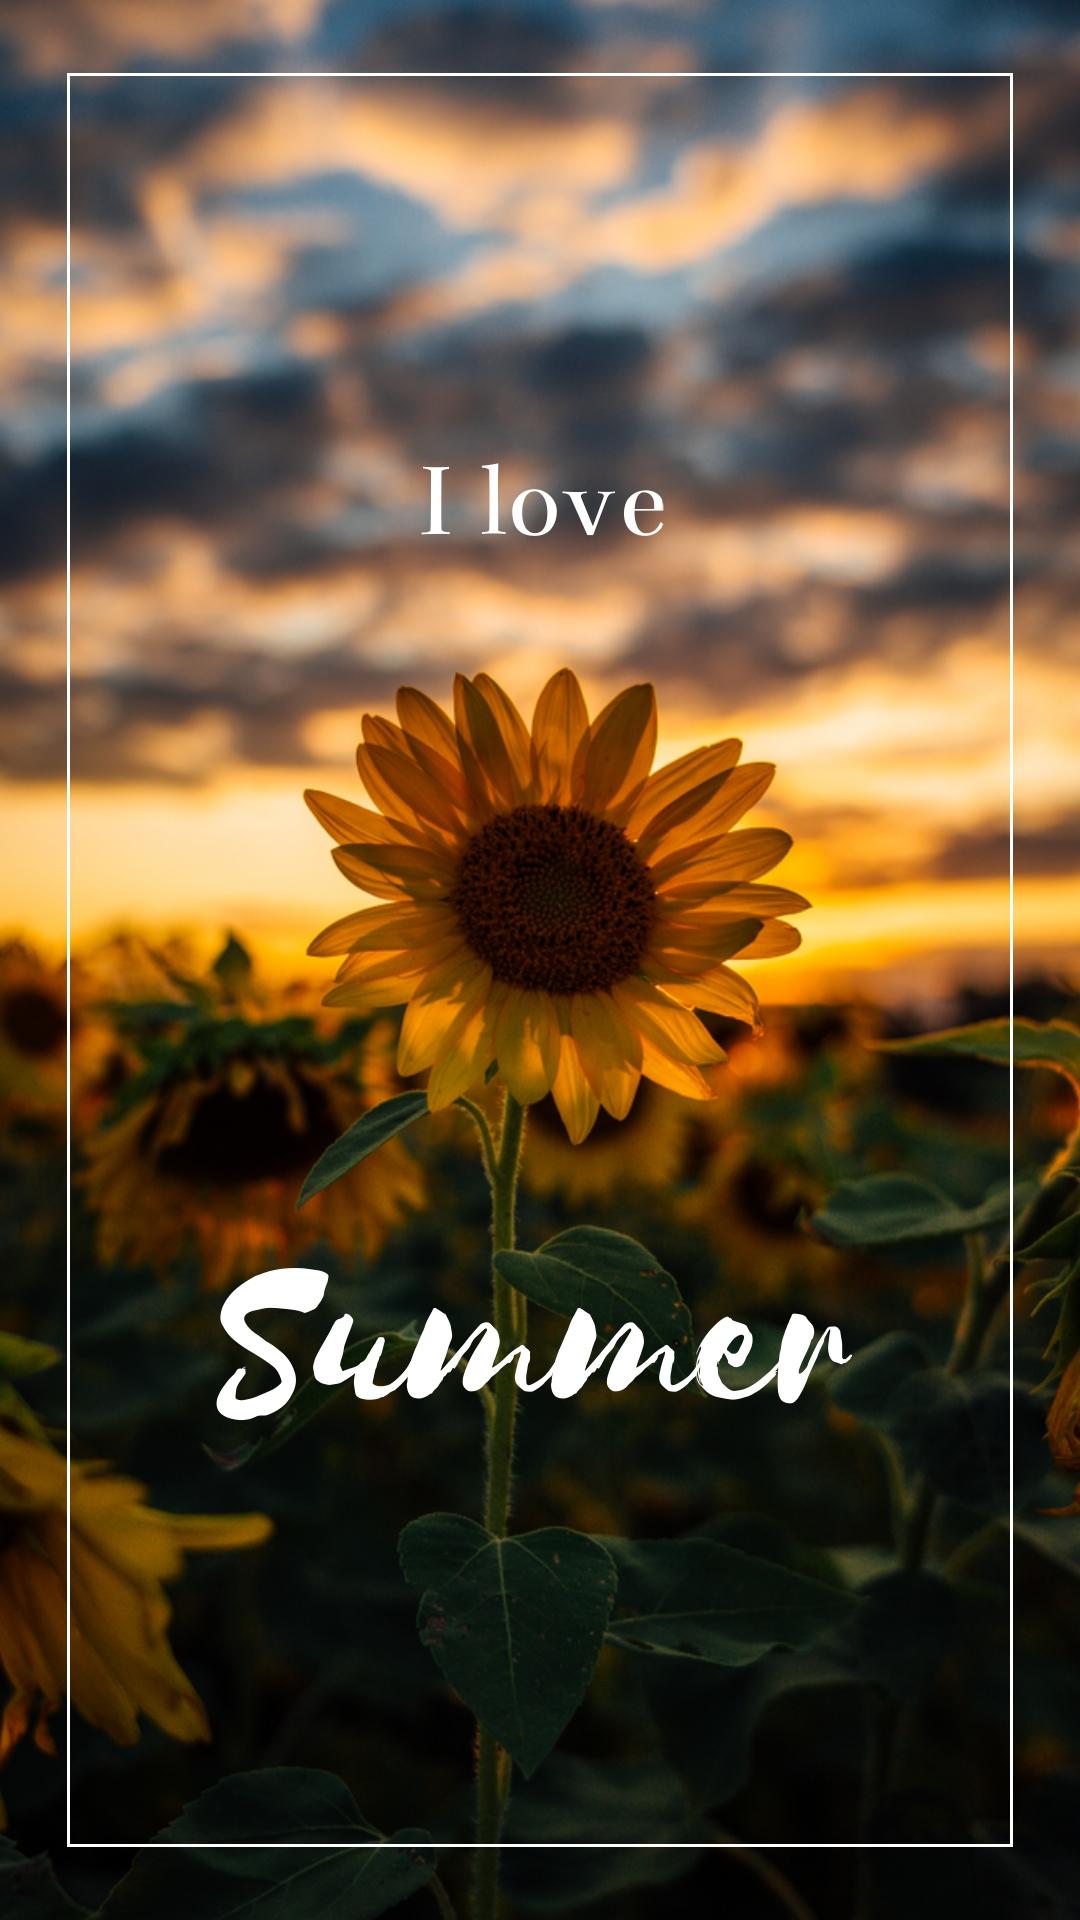 Sunflower Phone Wallpaper Template